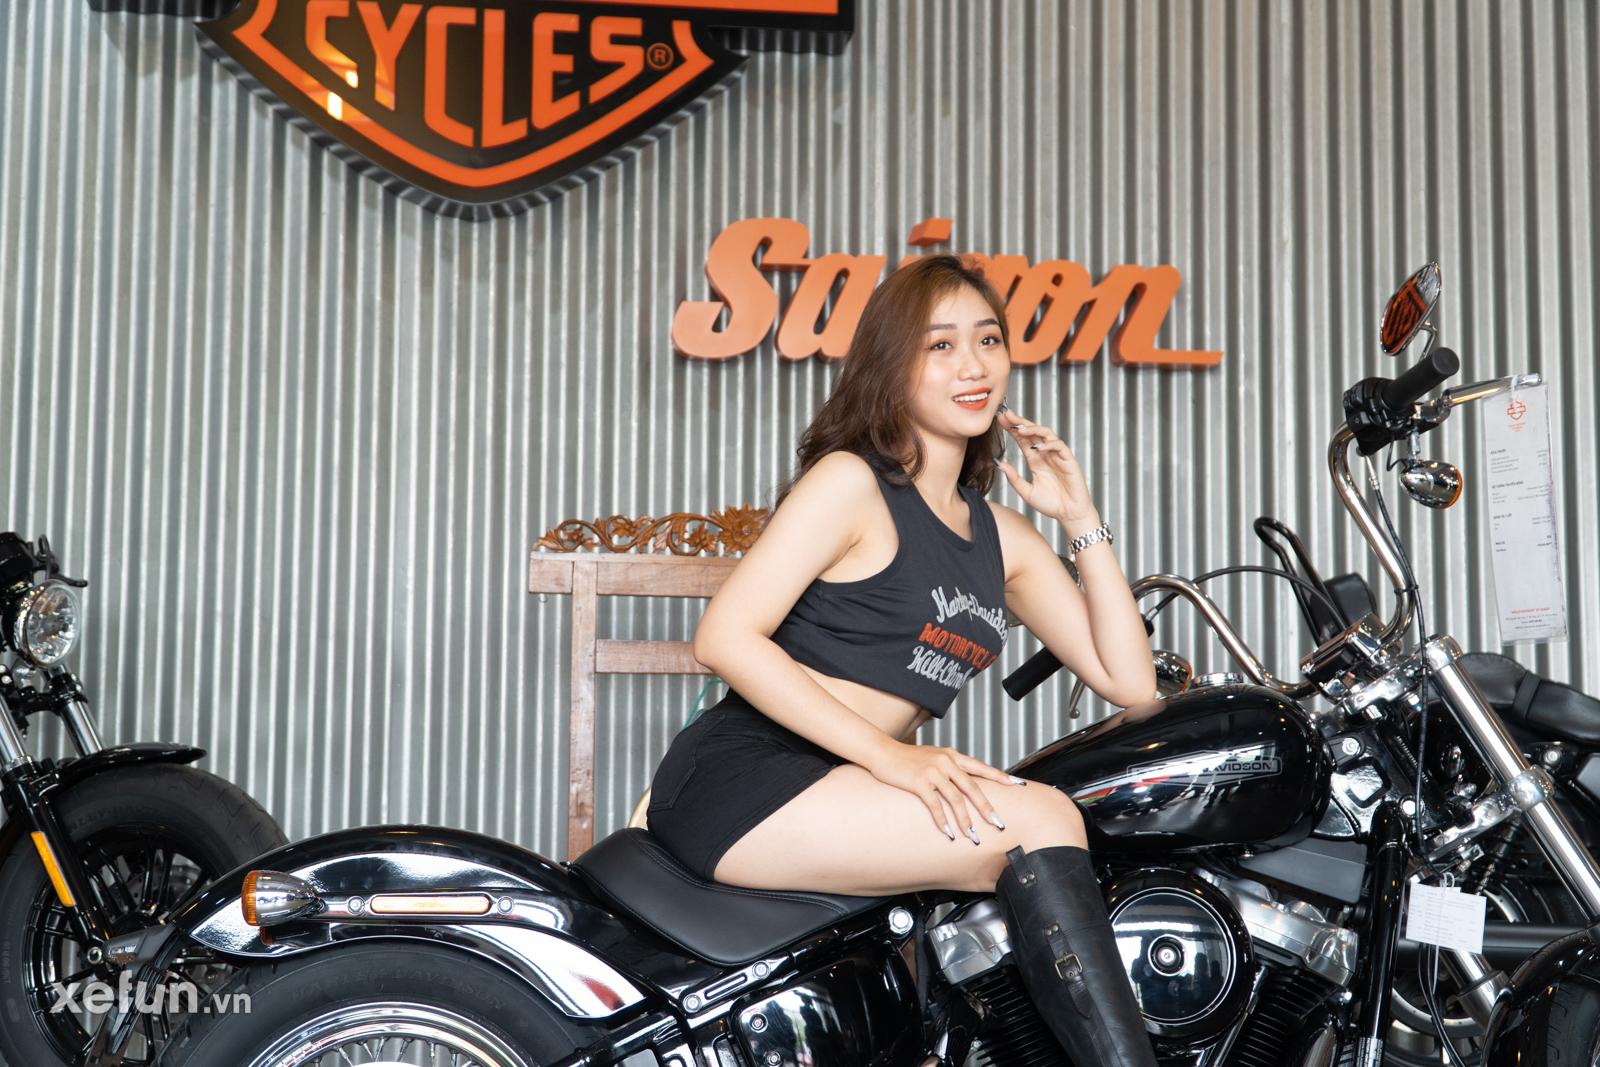 Trong buổi lễ ra mắt lần này, còn có sự góp mặt của 3 khách hàng đầu tiên tại Việt Nam đã chính thức làm lễ nhận xe Pan America 1250 Special 2021, một trong số đó chính là biker đã mua chiếc Harley Davidson CVO Road Glide phiên bản giới hạn hồi năm ngoái.